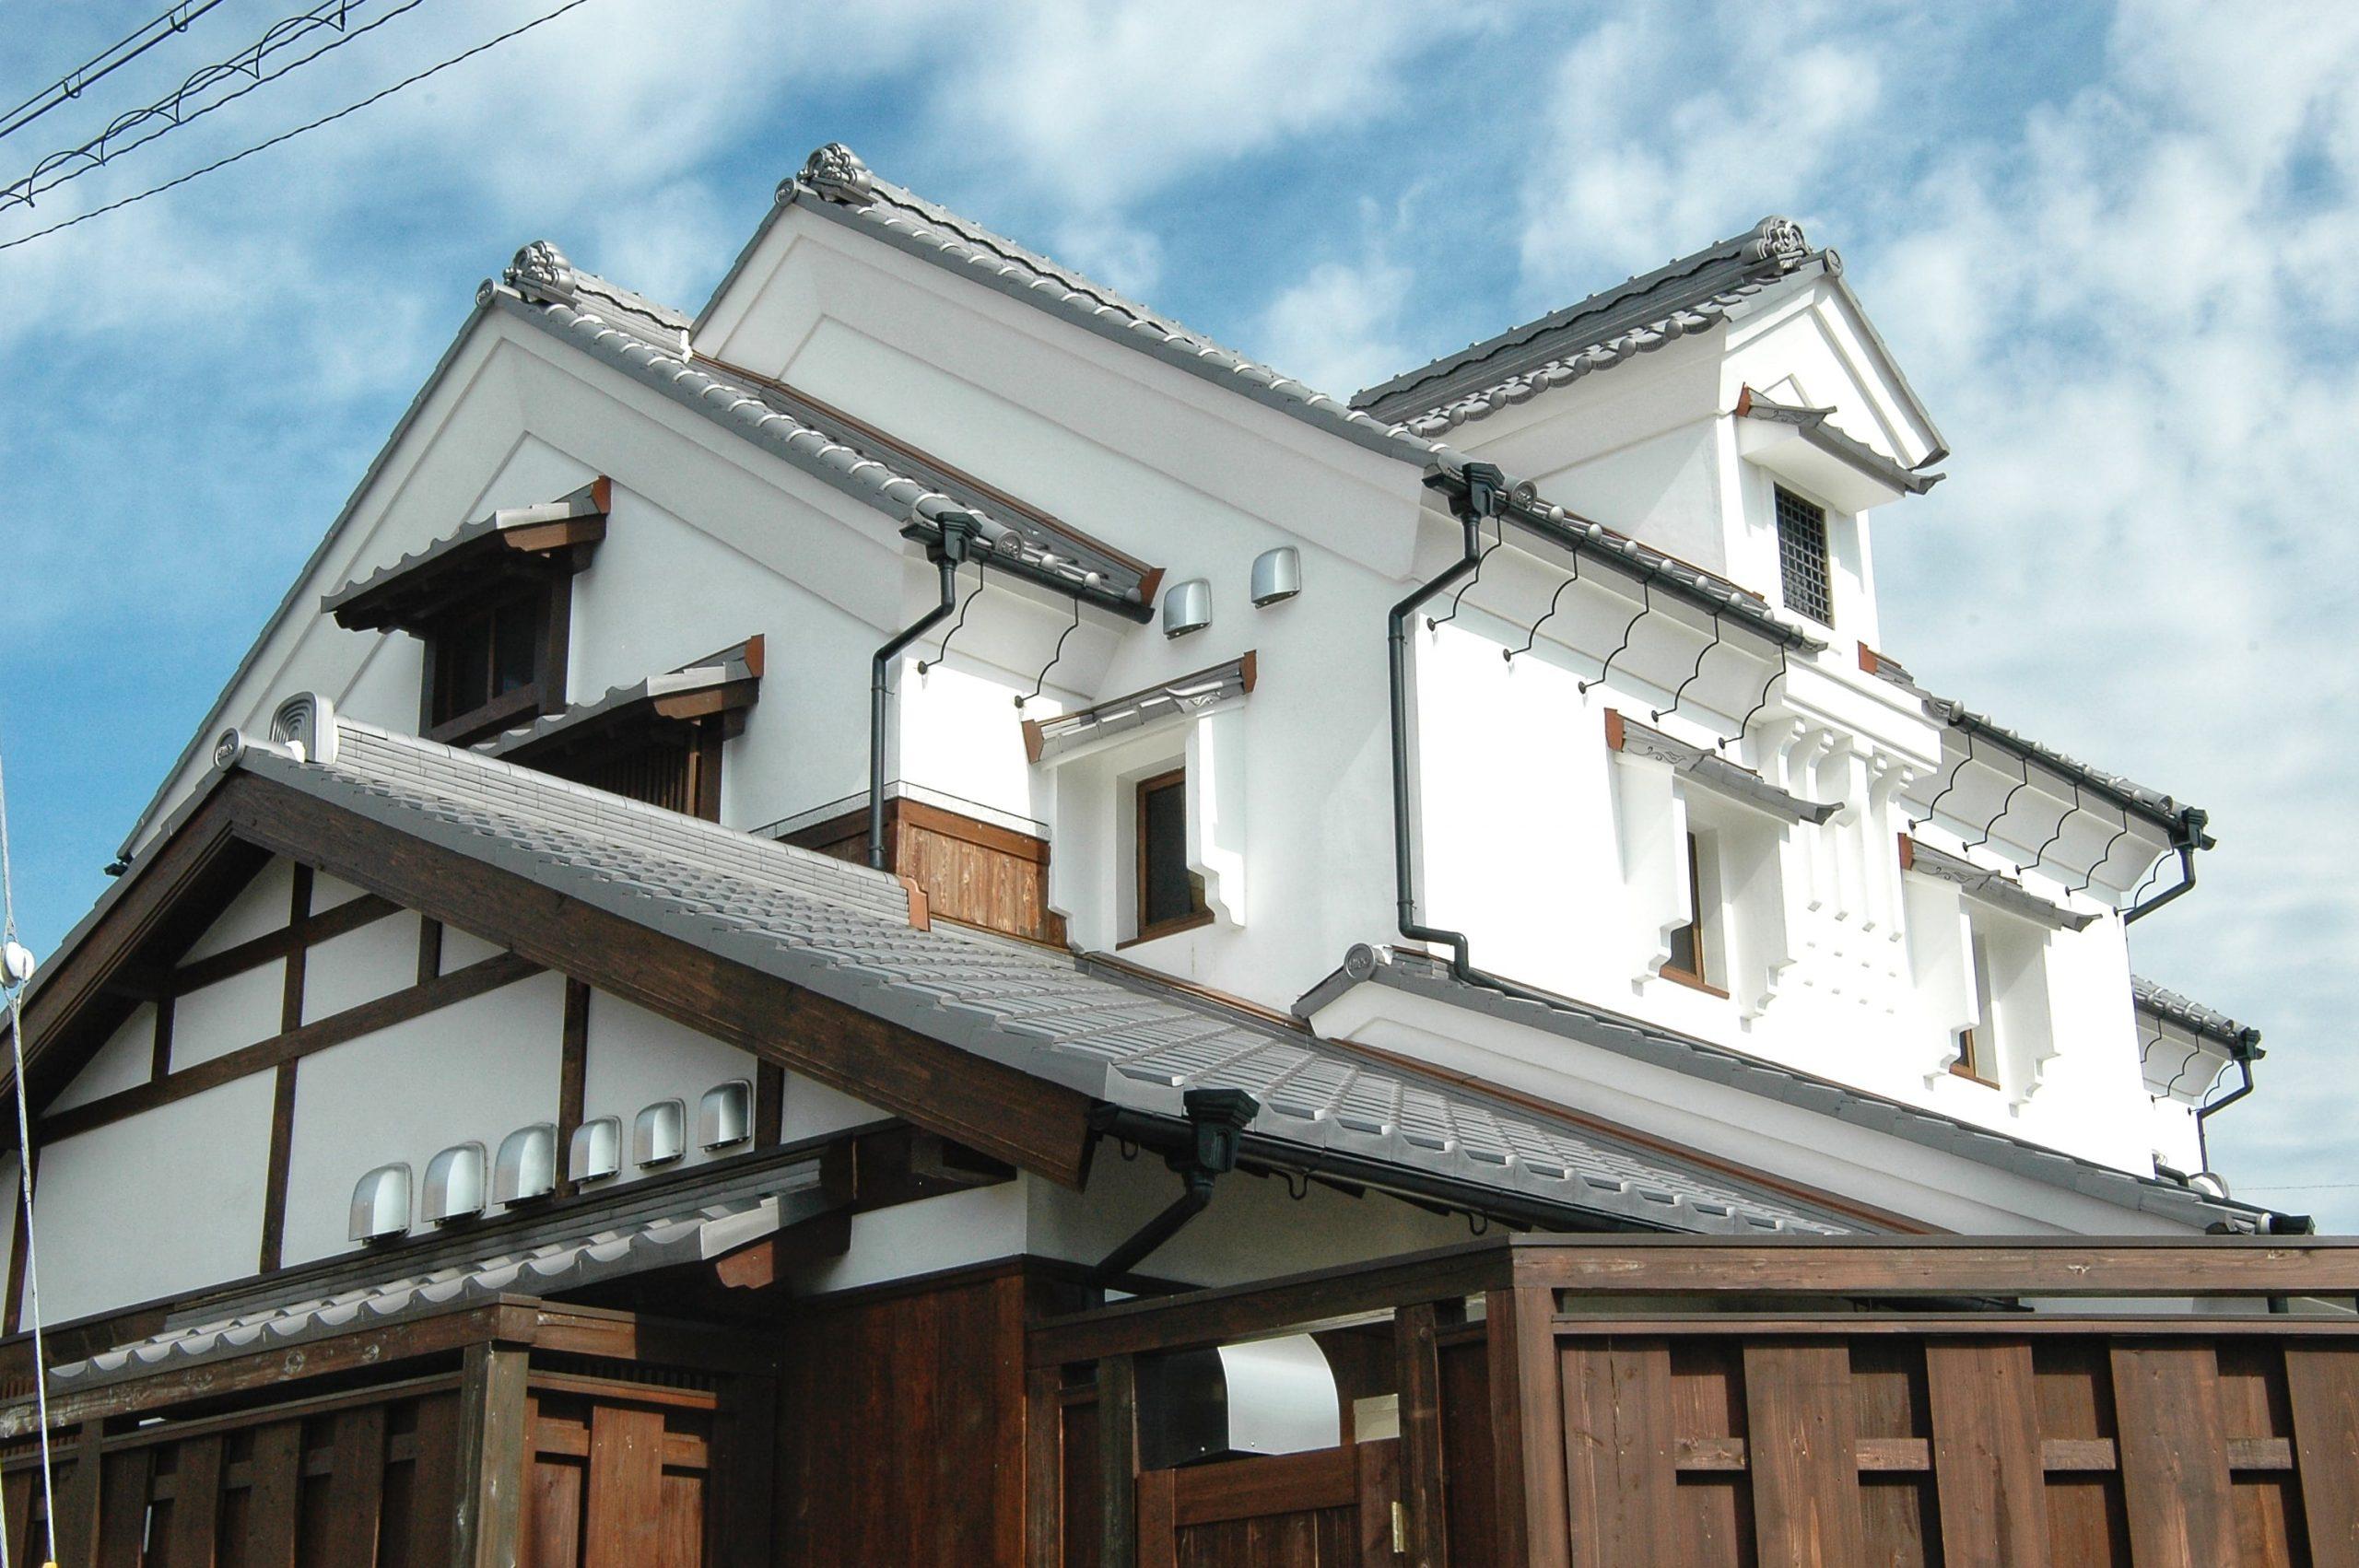 「創業40年の工務店」一級建築士事務所、愛知・小牧市「和田建設」が設計デザイン・建築した、兵庫県西宮市のカフェです。